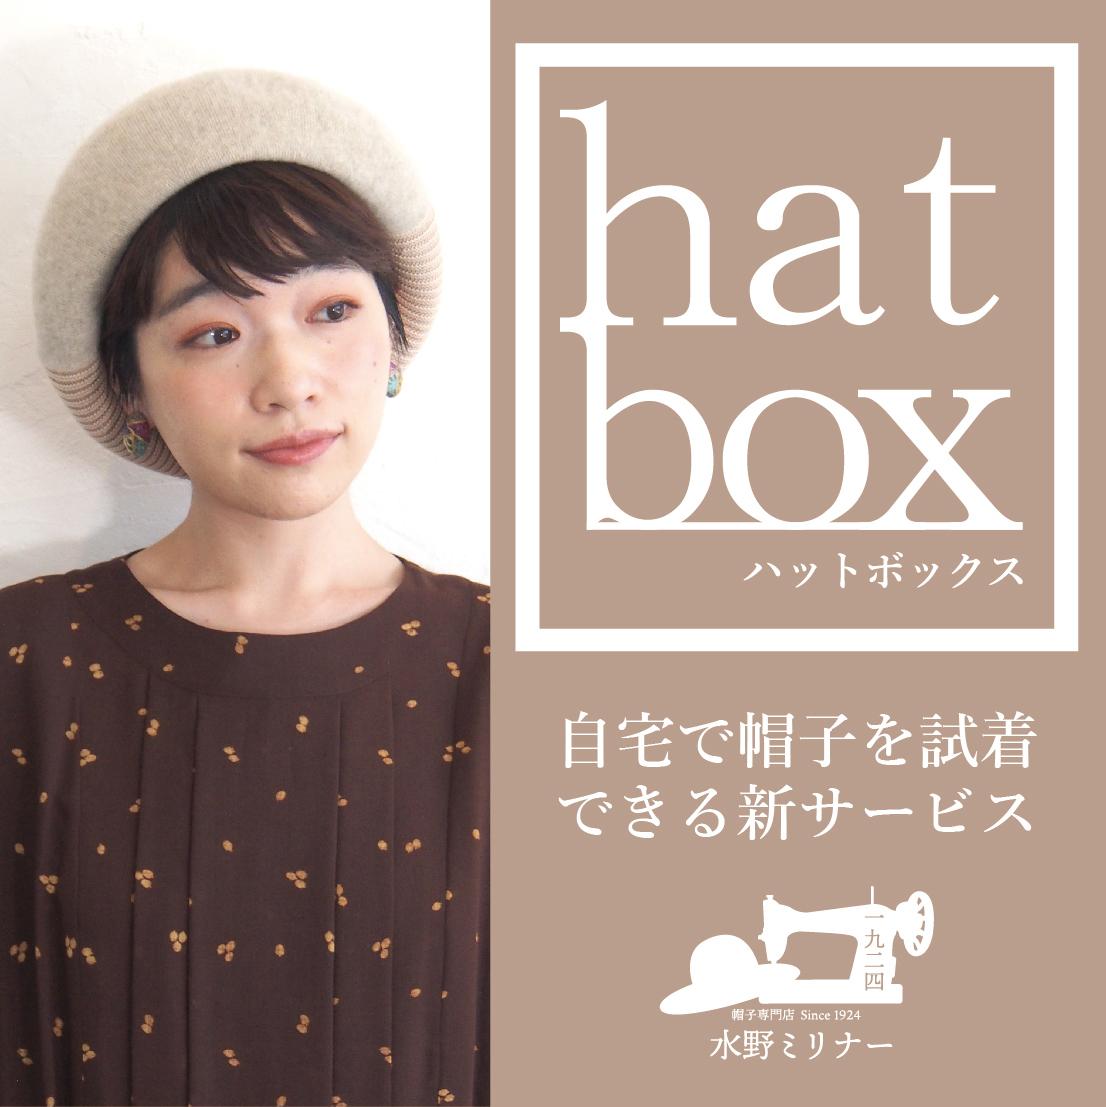 【hatbox】試着購入サービス ※ご利用の際は<お願い>を必ずお読みください※